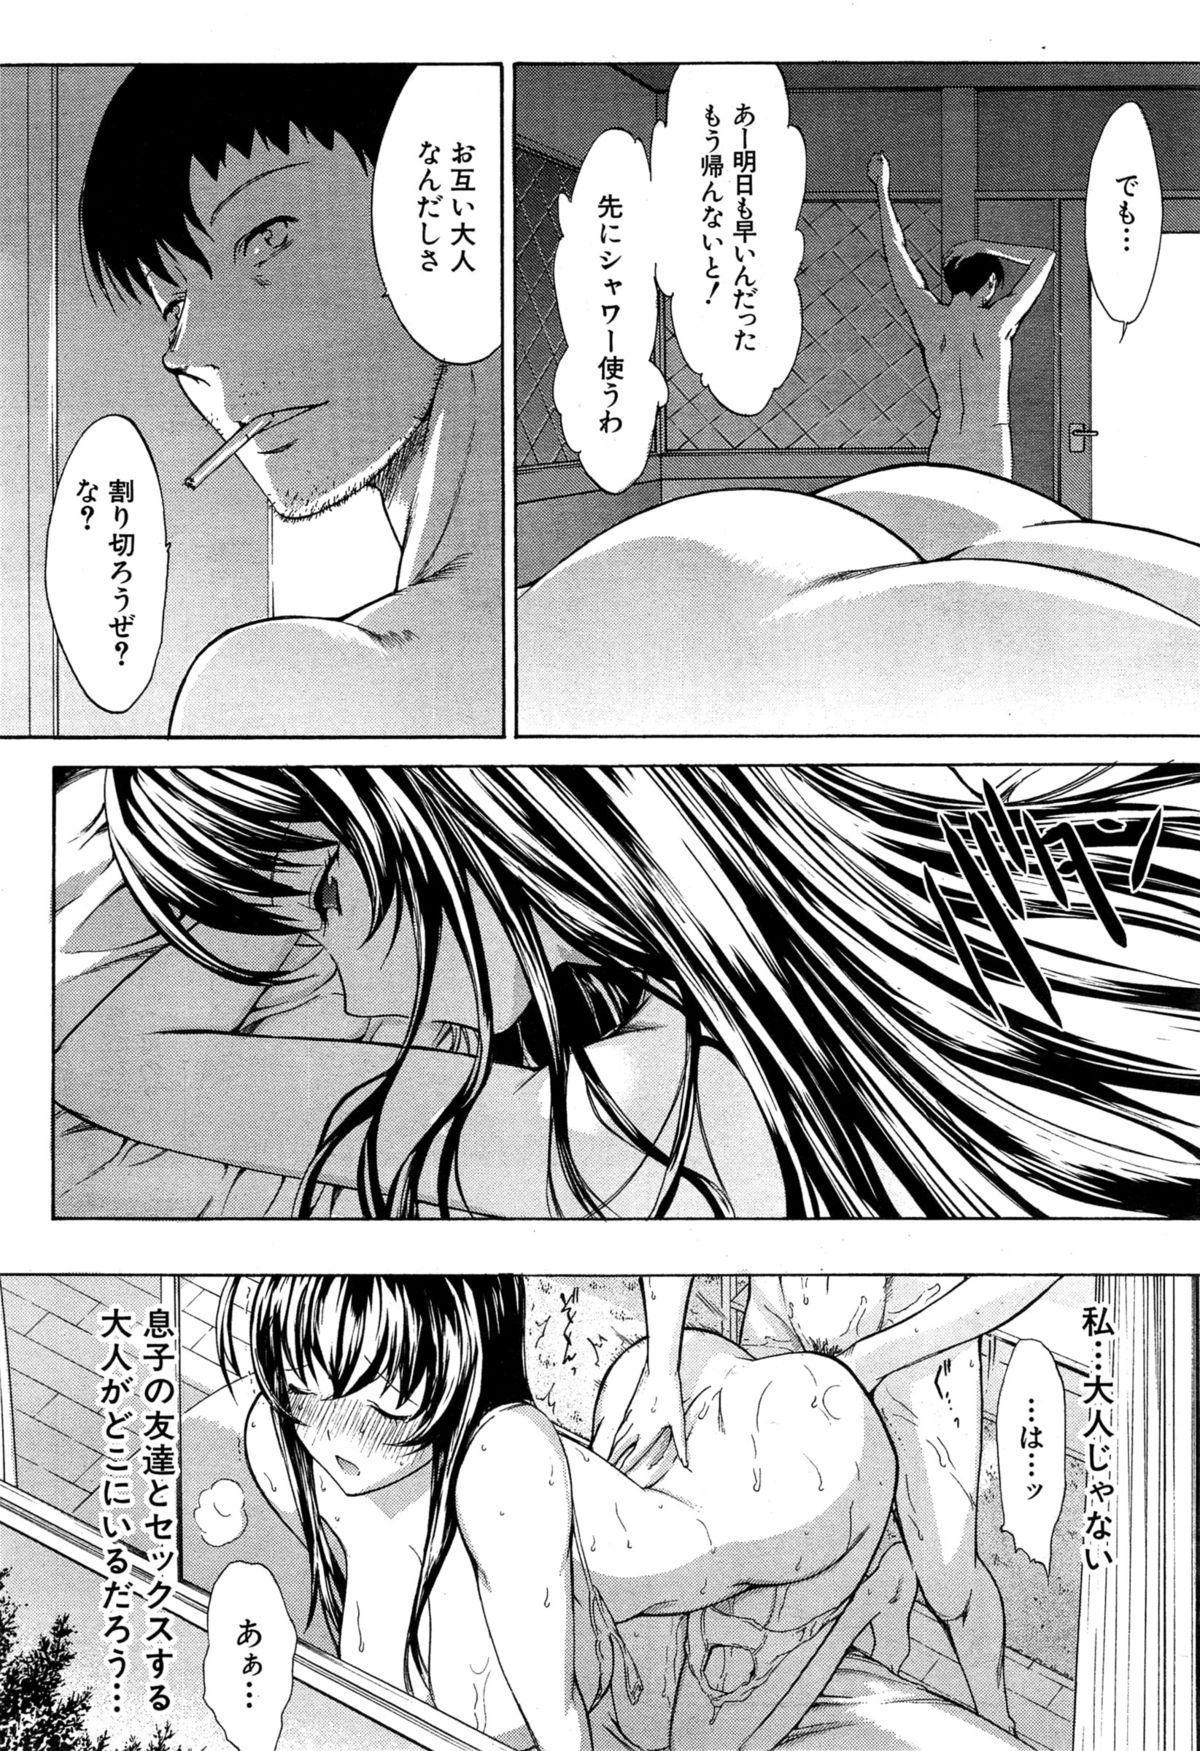 [Kino Hitoshi] Boku no Marie-san Ch. 1-2 57